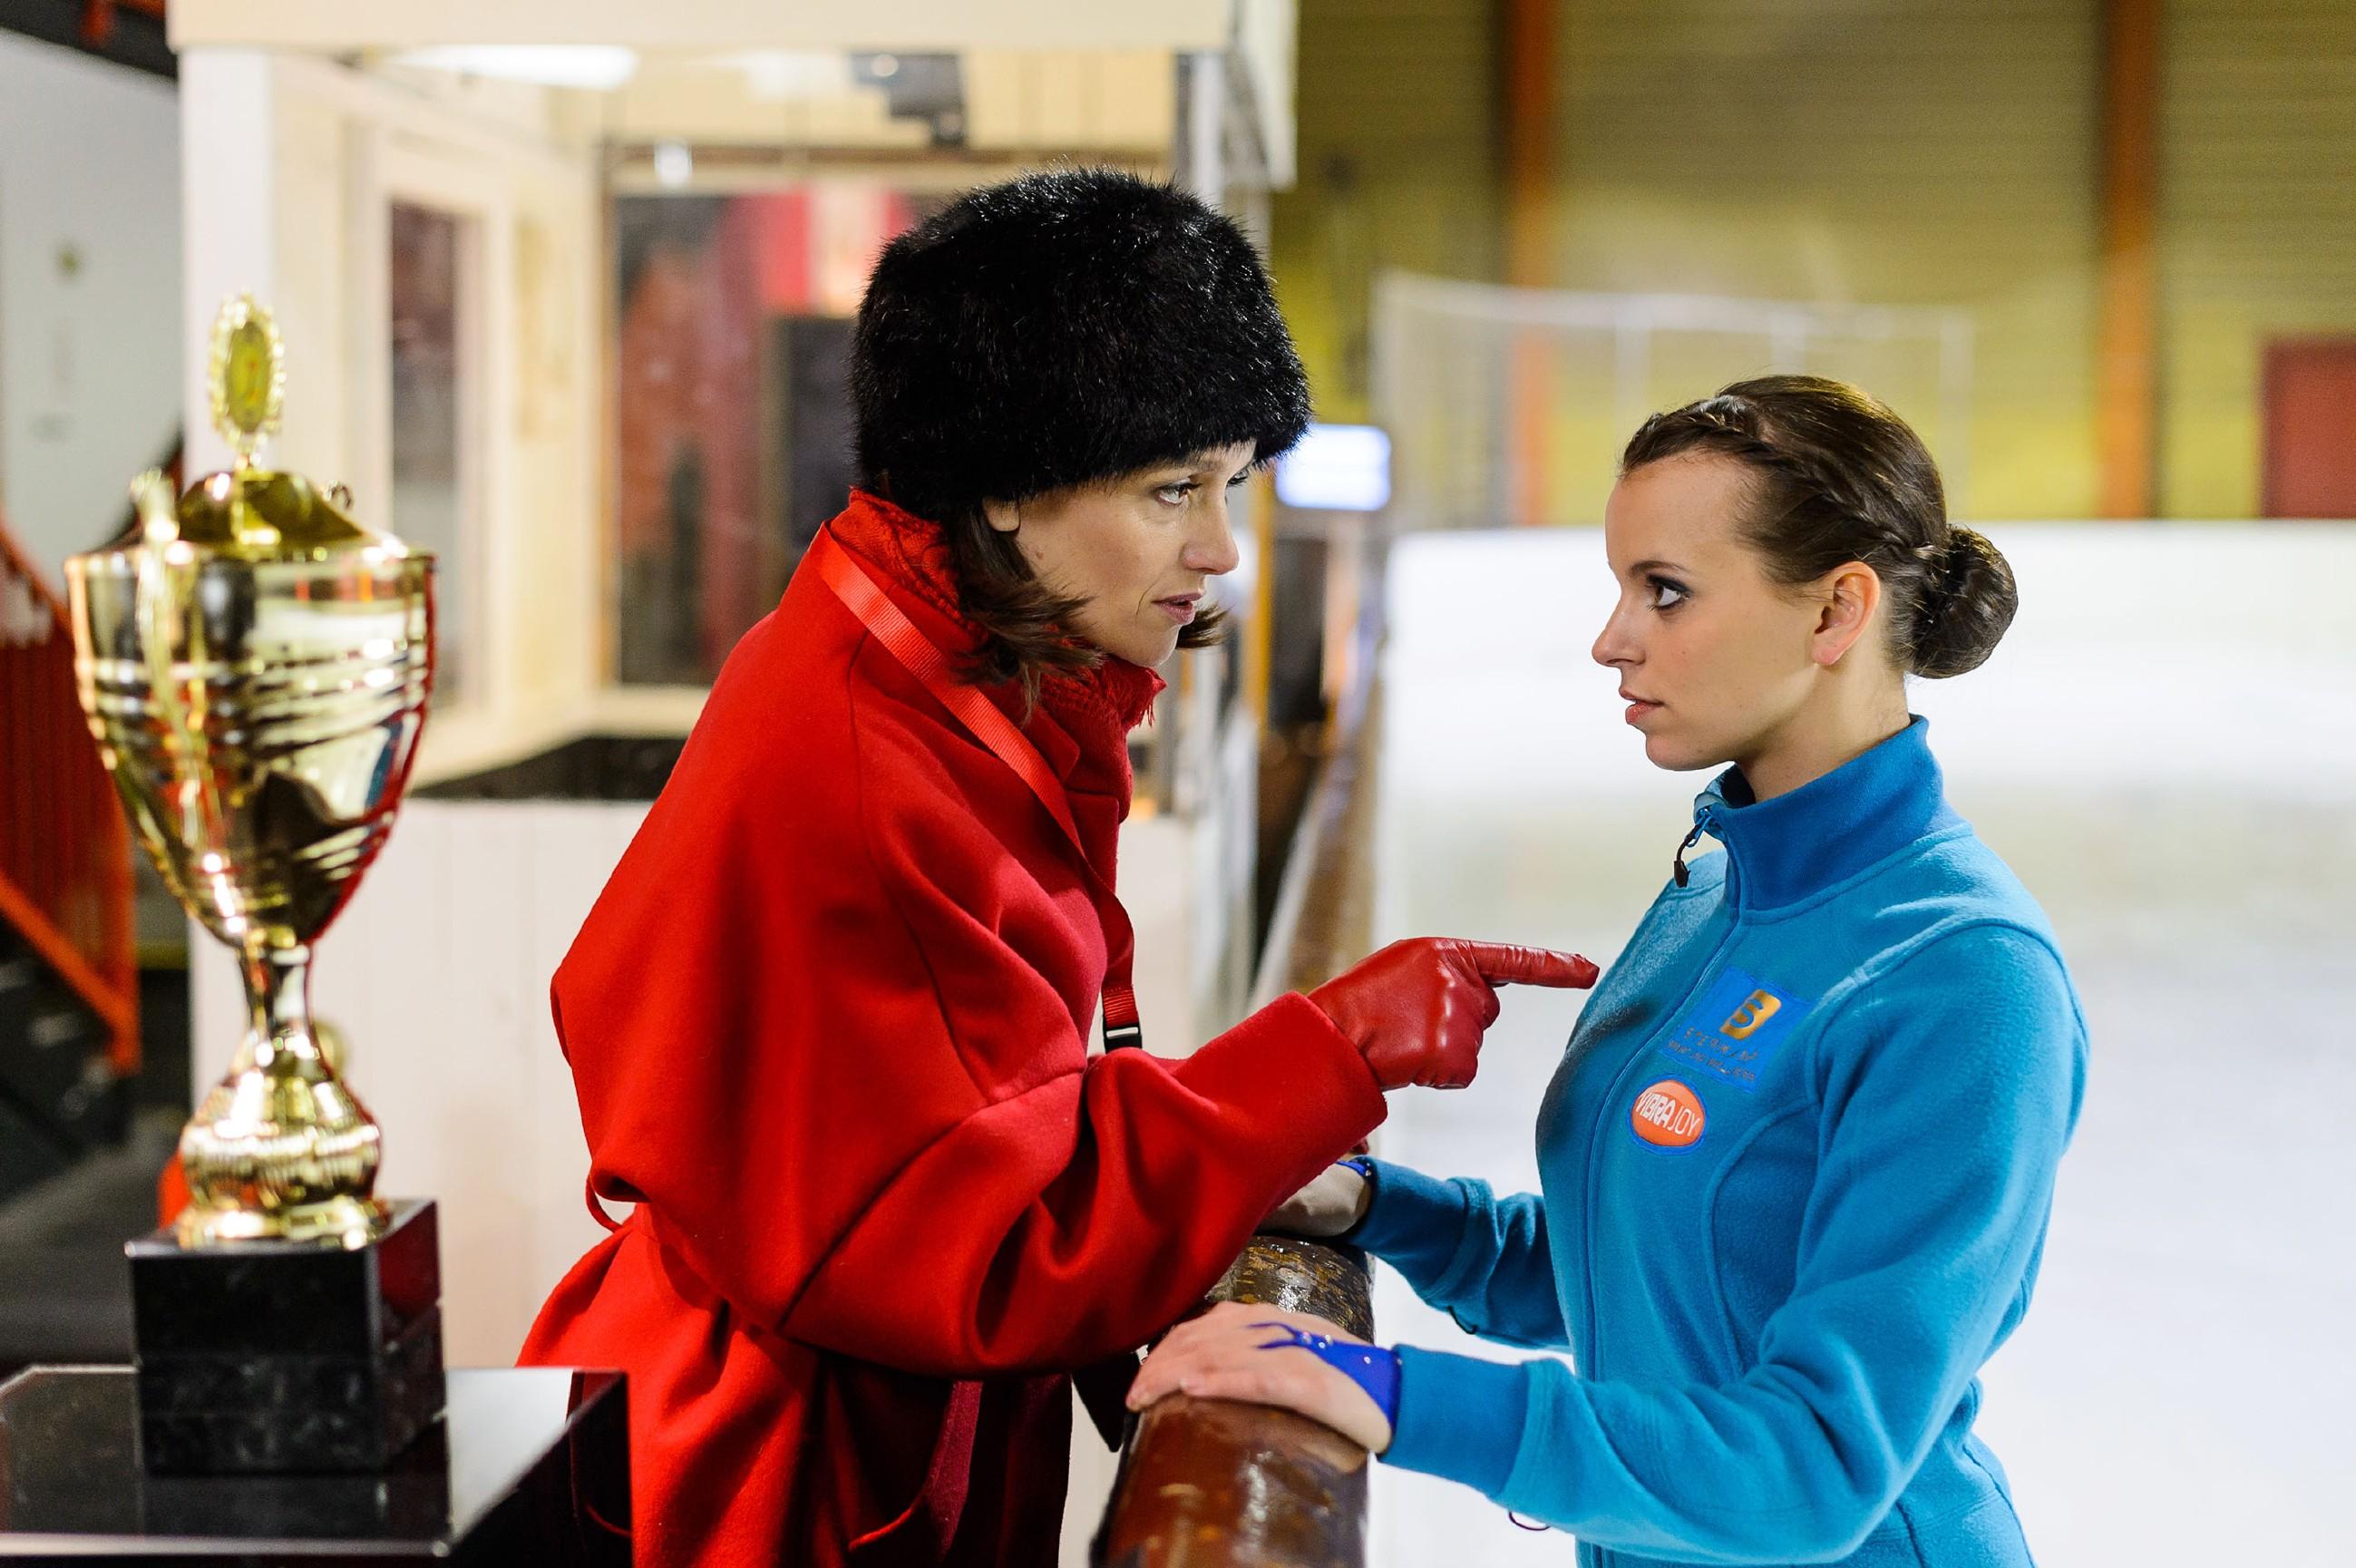 Jenny (Kaja Schmidt-Tychsen, l.) ist weiter fest entschlossen, Simone zu beweisen, dass sie keine Verliererin ist und schwört Michelle (Franziska Benz) darauf ein, eine perfekte Kür zu laufen. (Quelle: RTL / Willi Weber)